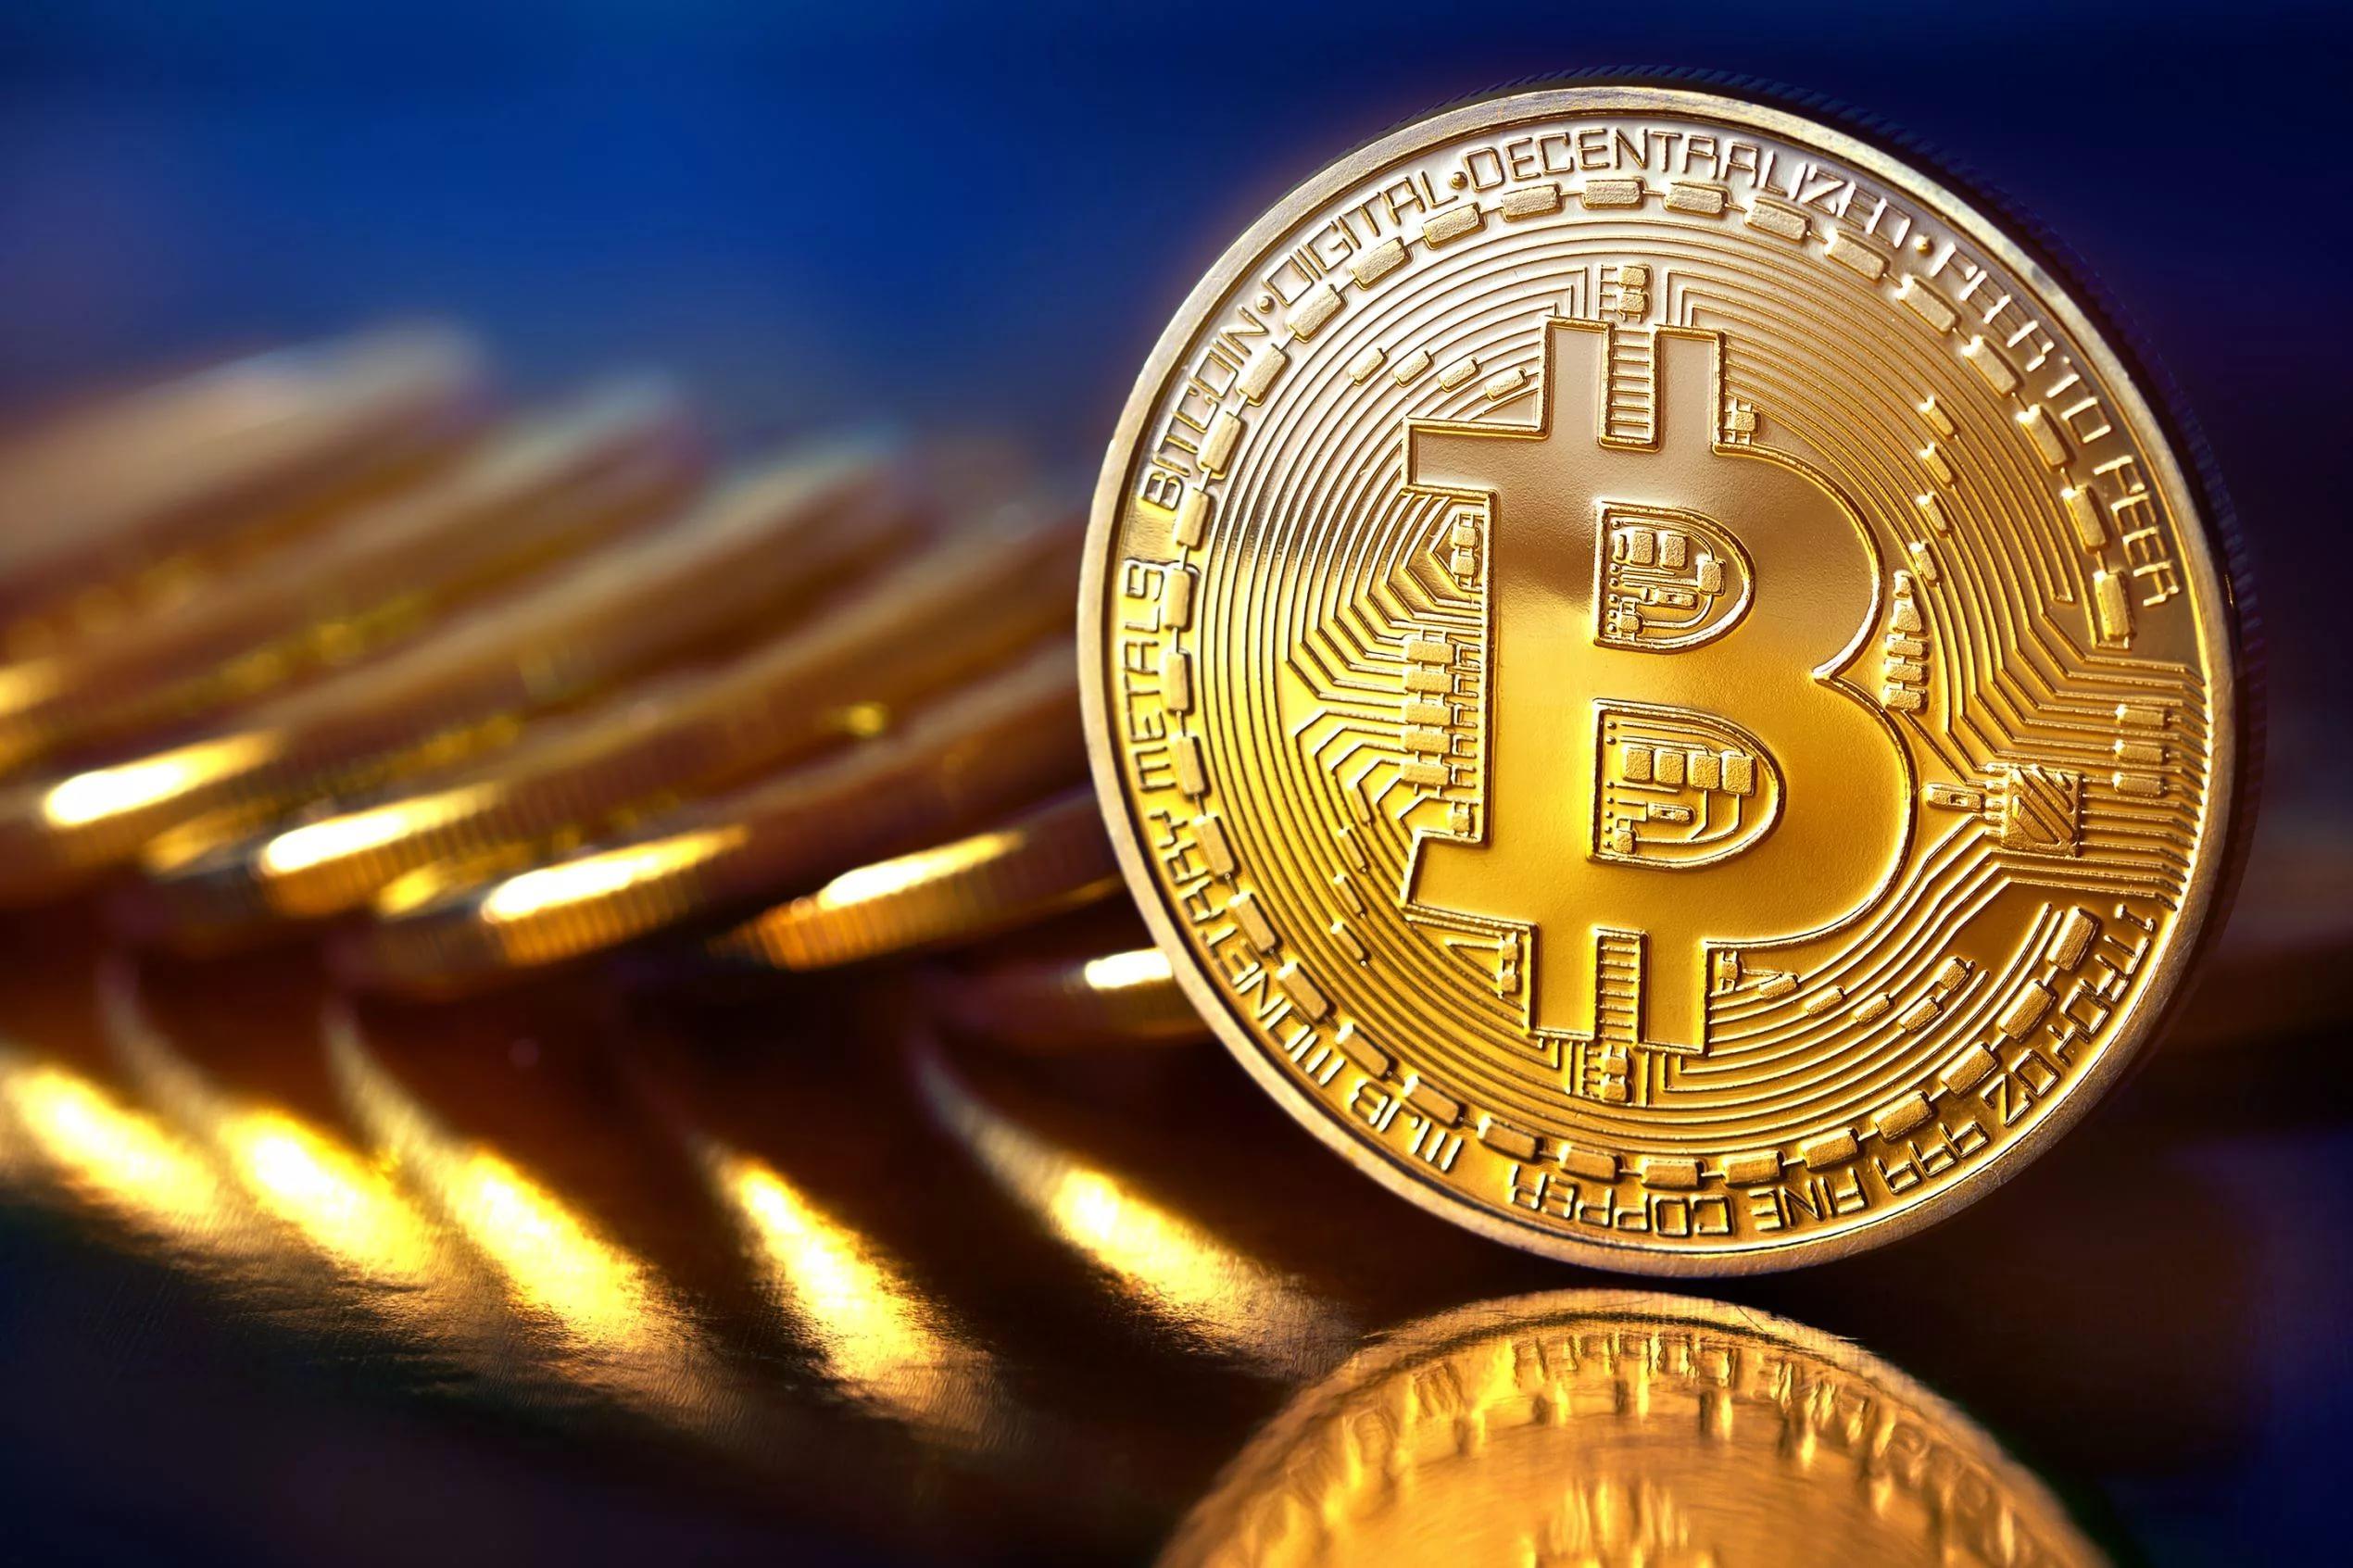 Жительница Казани лишилась 158 тыс. рублей в ходе аферы с криптовалютой